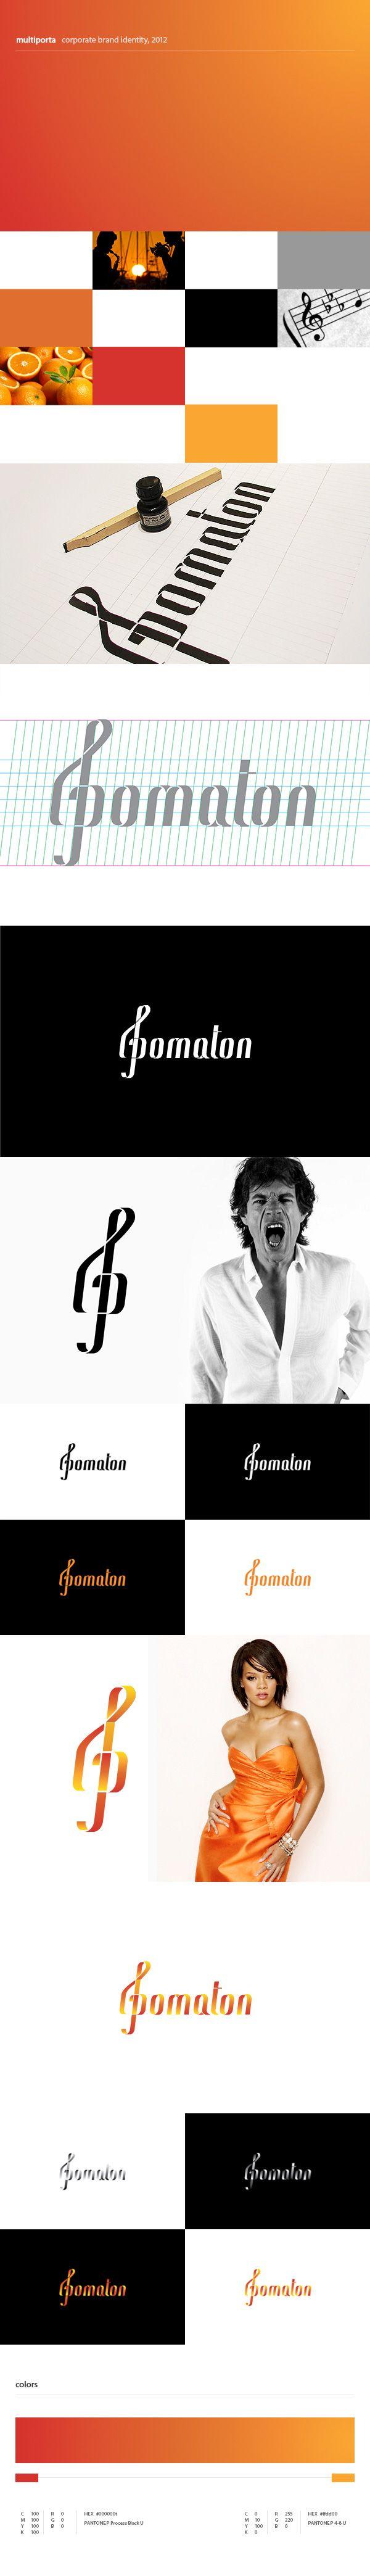 Logo design for Pomaton